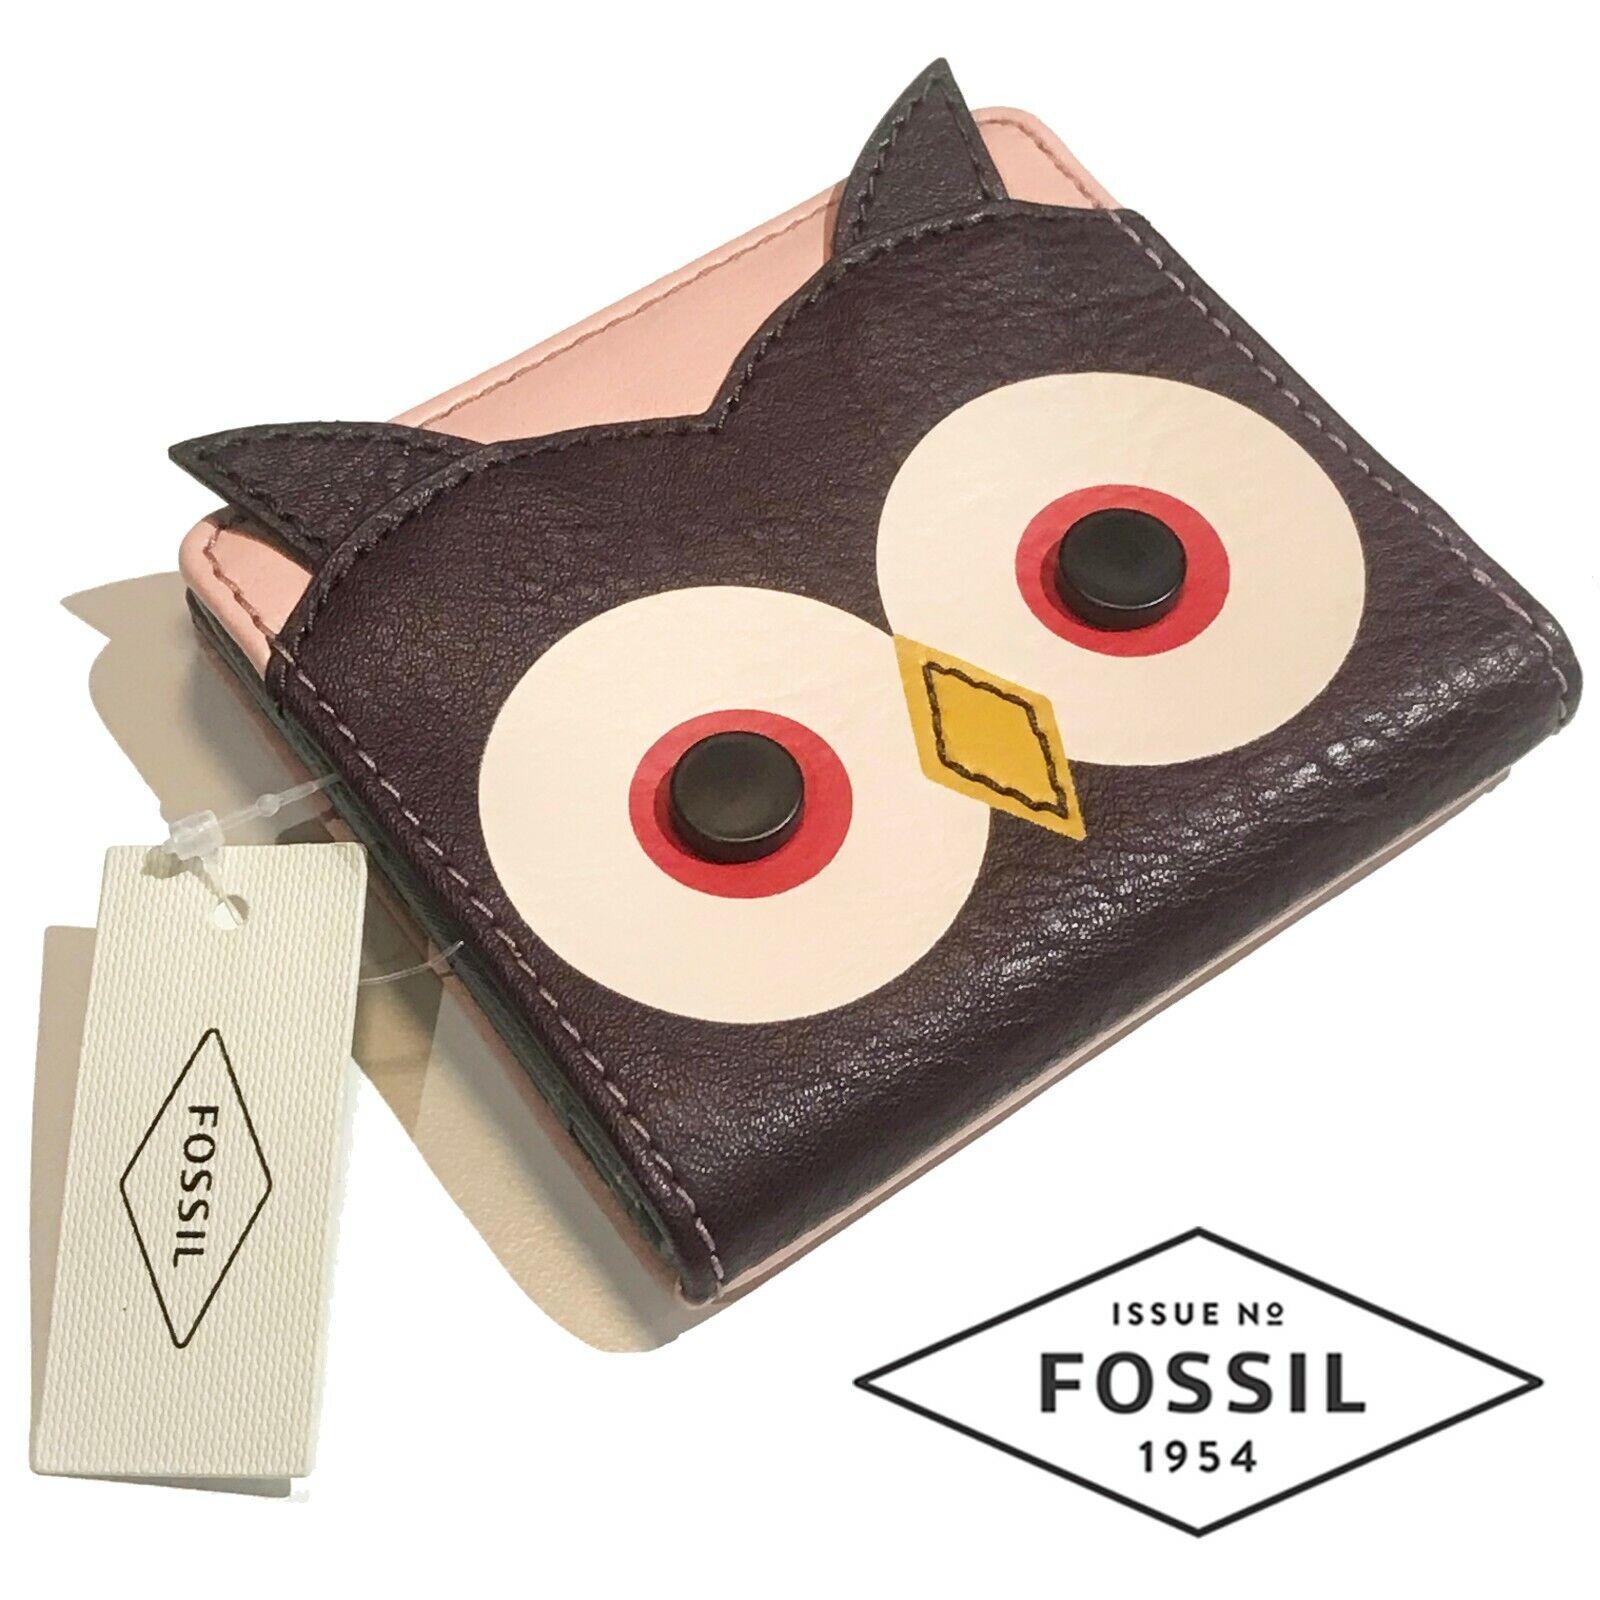 New Fossil Owl Wallet Women's Leather Wallet Tessa Bifold Purple Pink SWL2343564